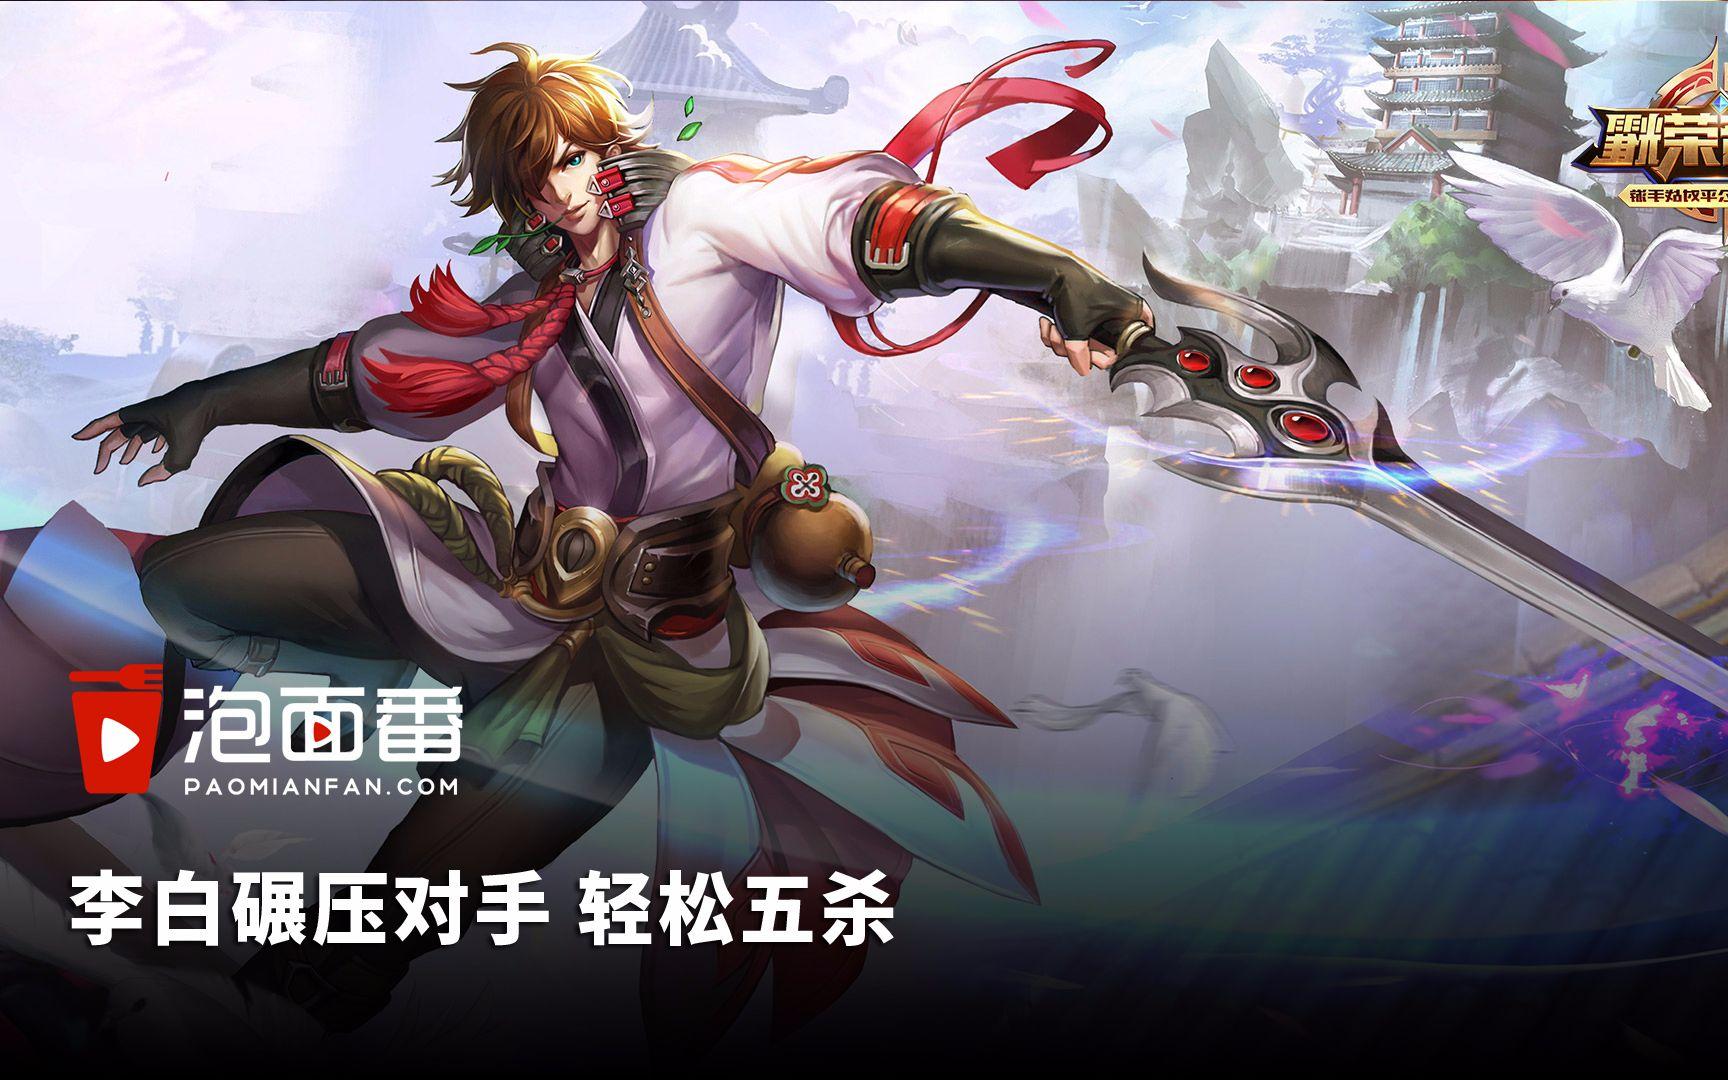 李白荣耀王者和李远芳单挑谁赢5对5和亲漫画歌苍图片